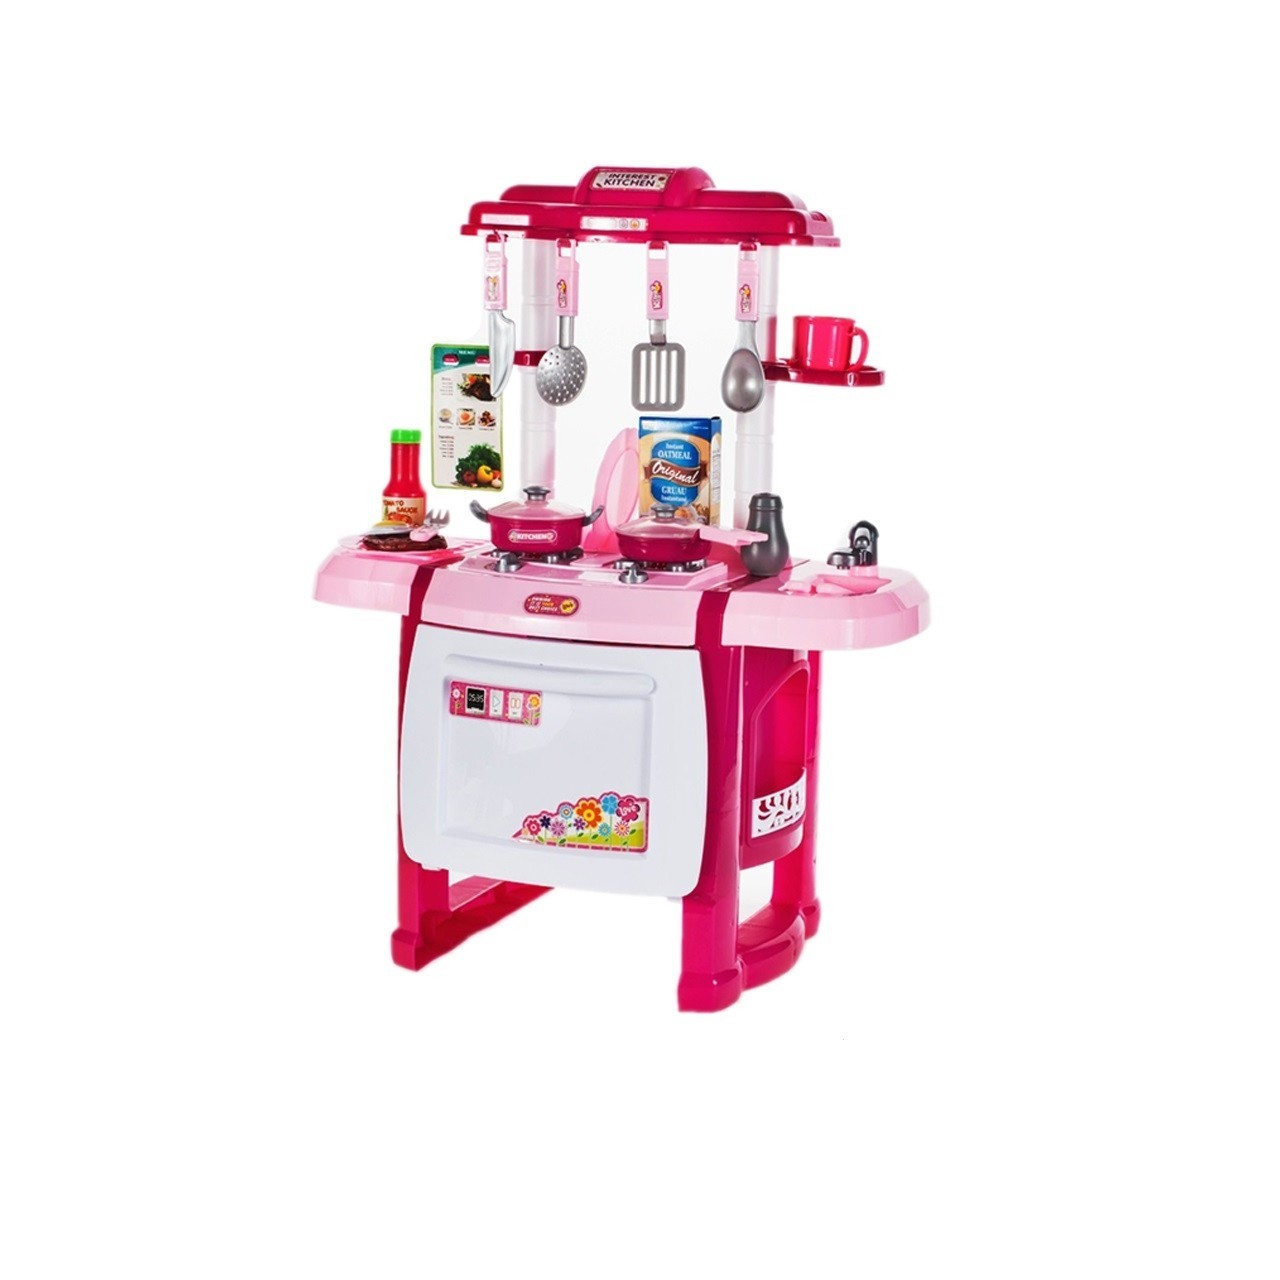 Bucatarie pentru copii MalPlay cu sunete,lumini ,cuptor,chiuveta,accesorii, Roz, 62 cm